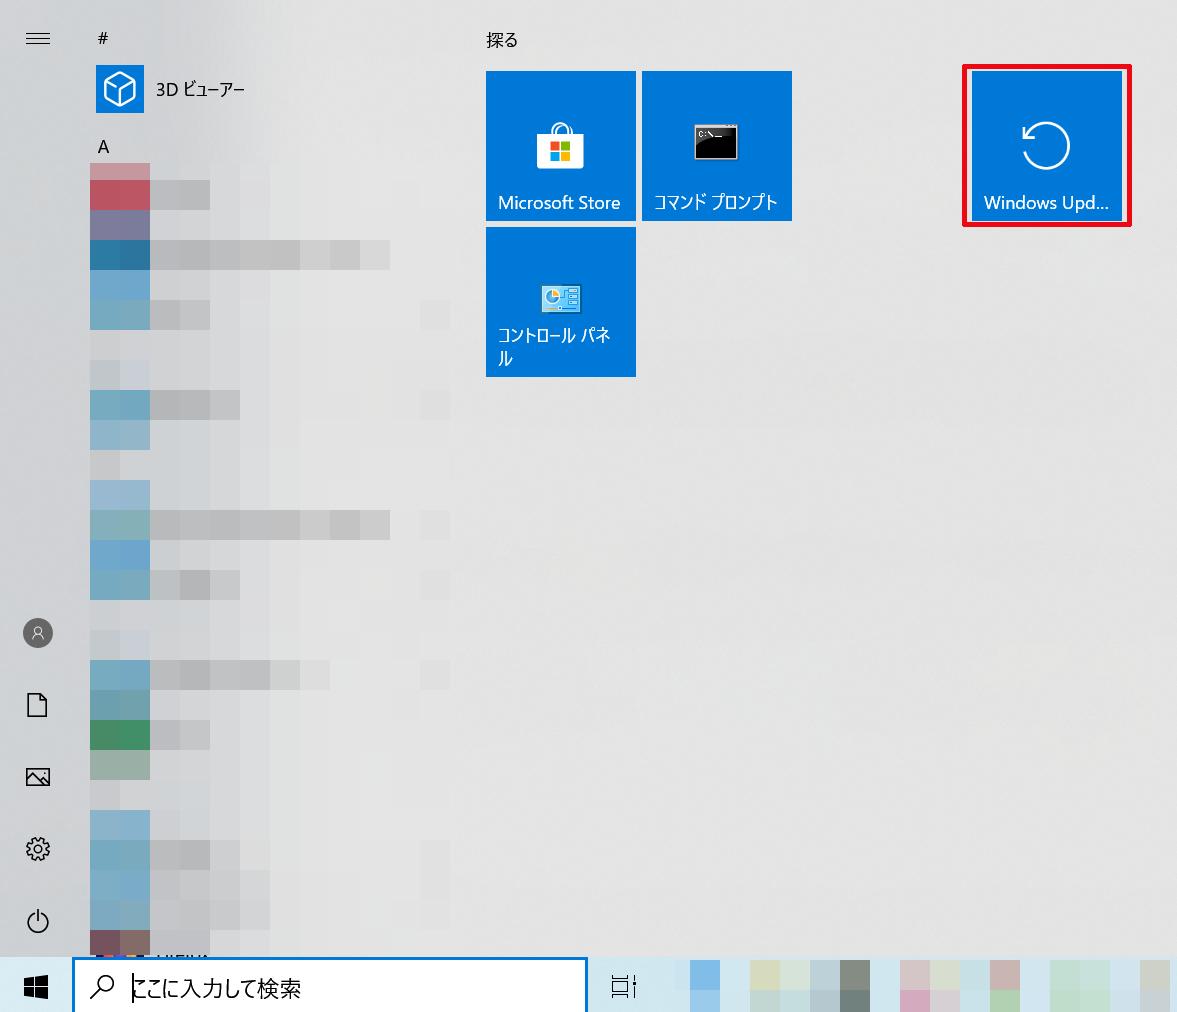 Windows10ではWindows Updateをスタート画面へピン留めすることが出来る